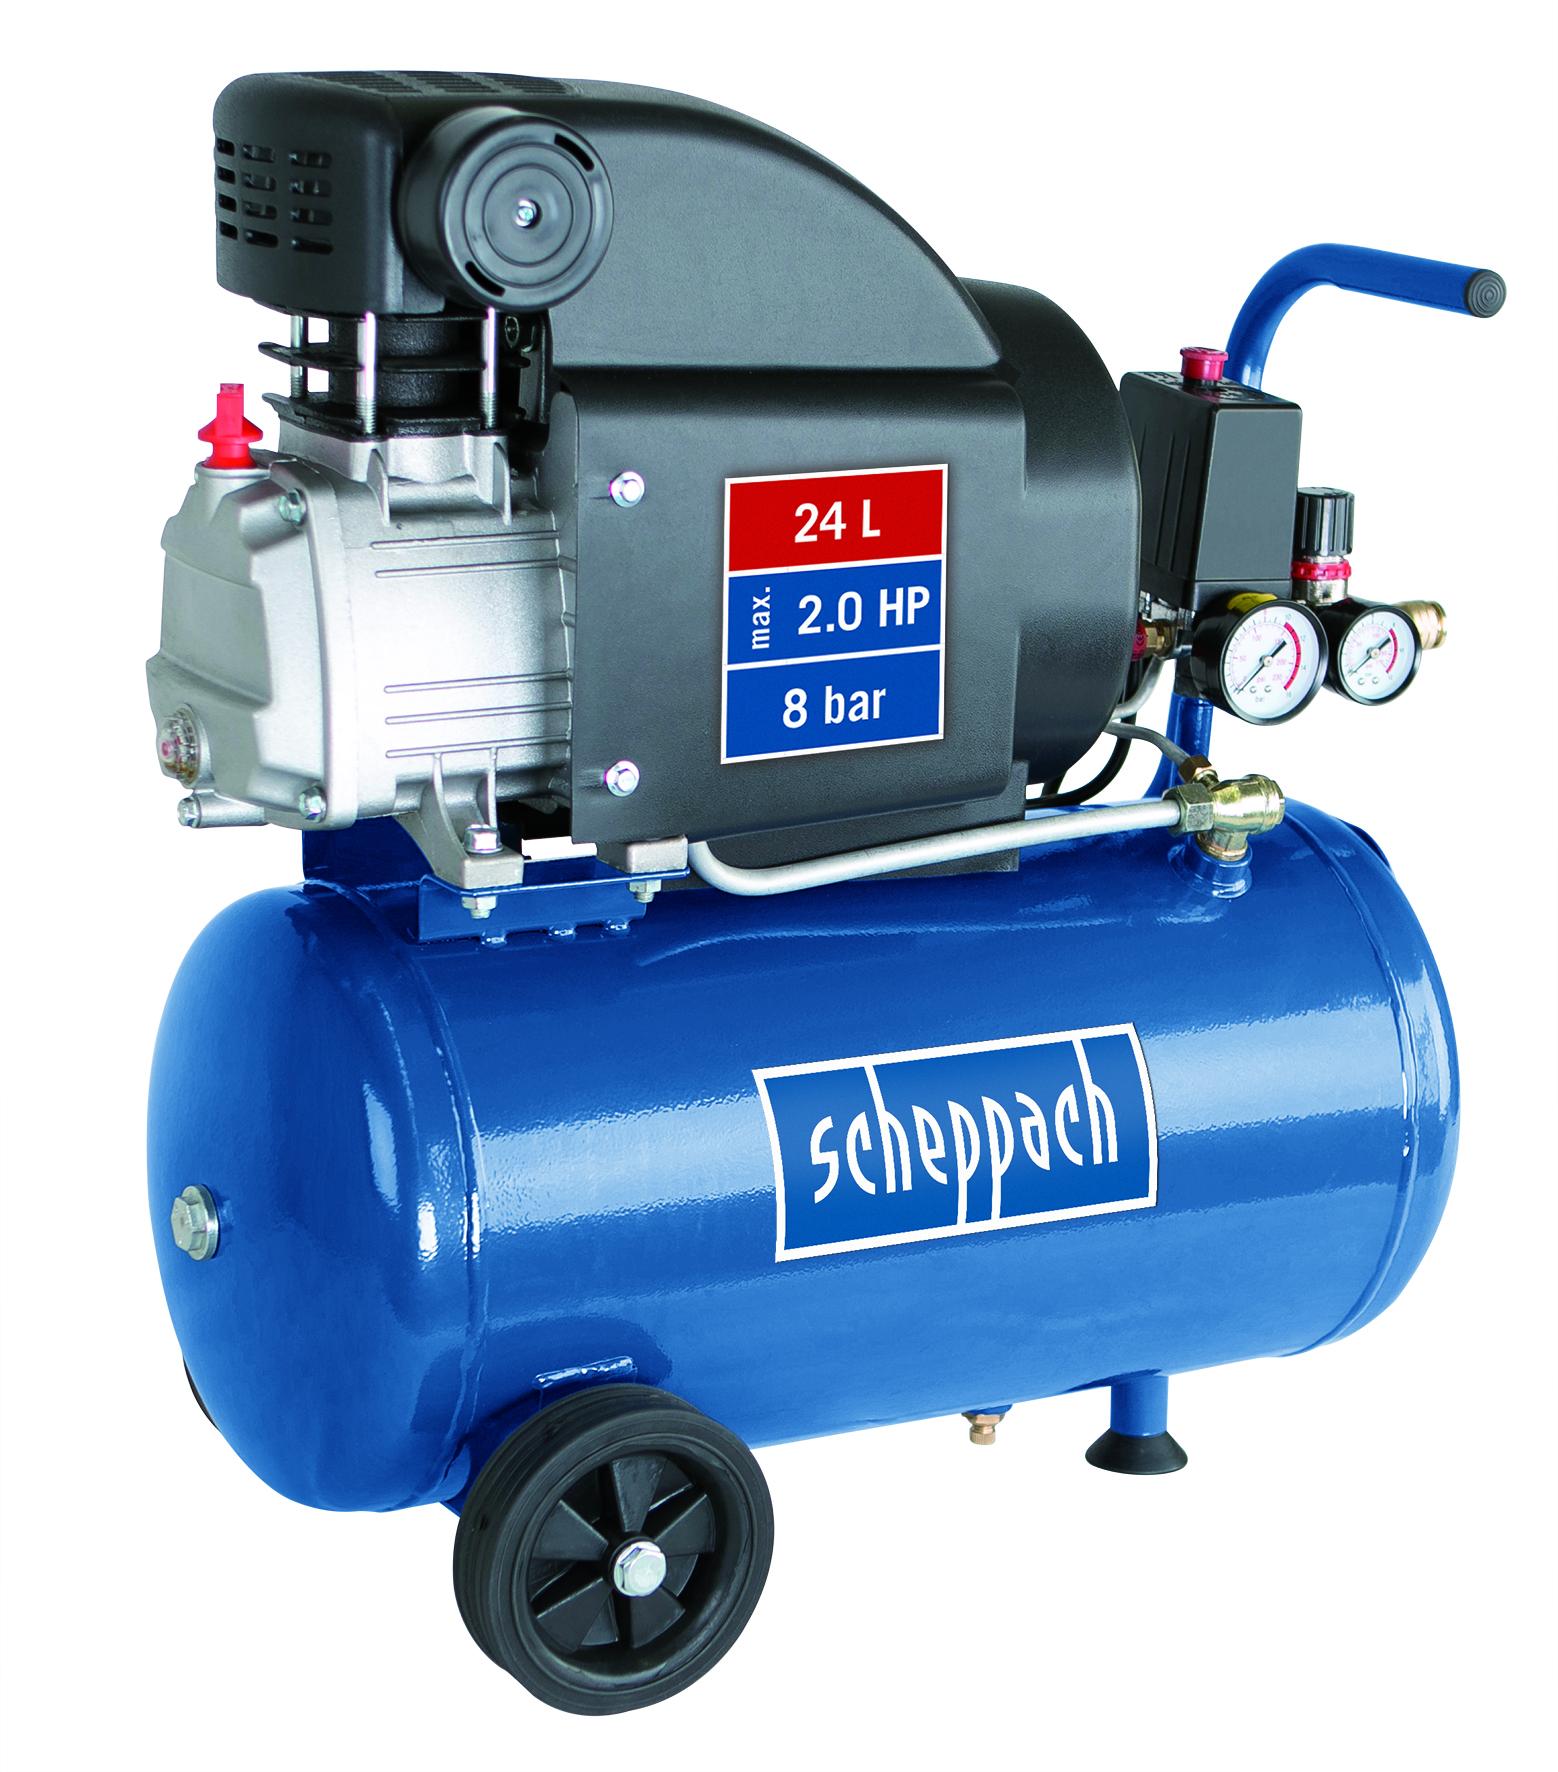 olejový kompresor Scheppach HC 25 + ZDARMA 4 roky záruky